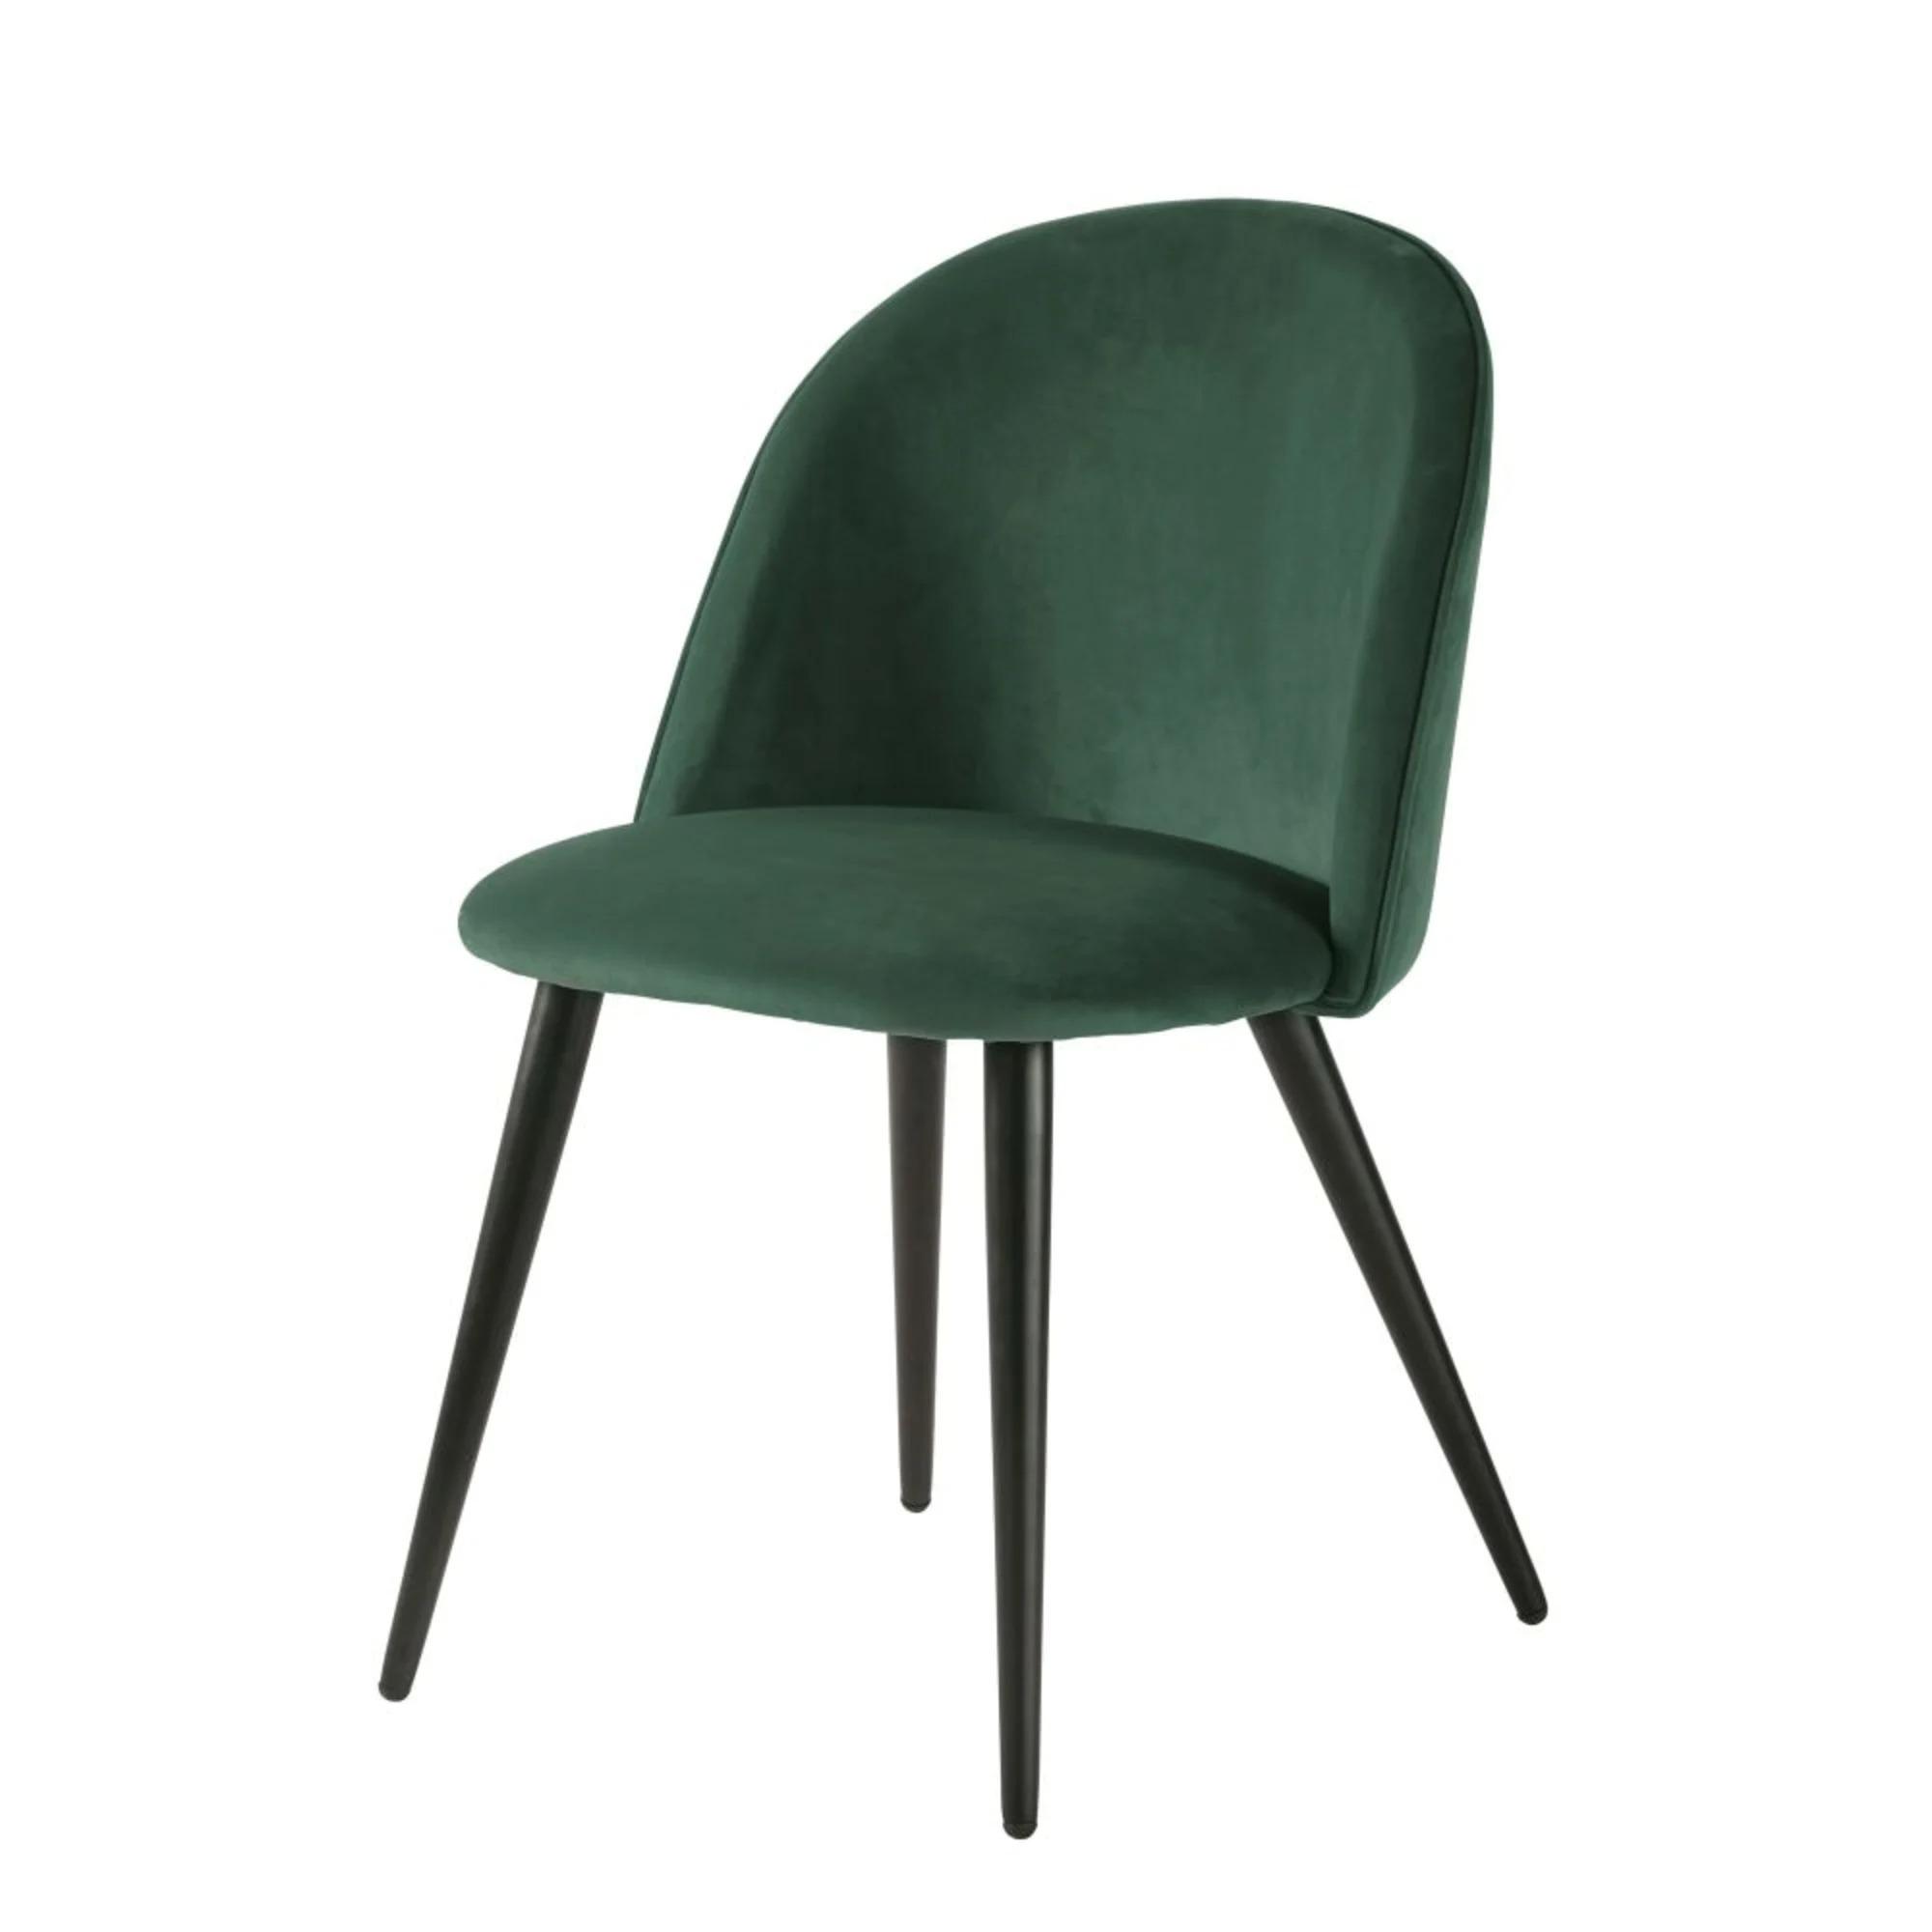 Silla vintage de terciopelo verde y metal negro Mauricette